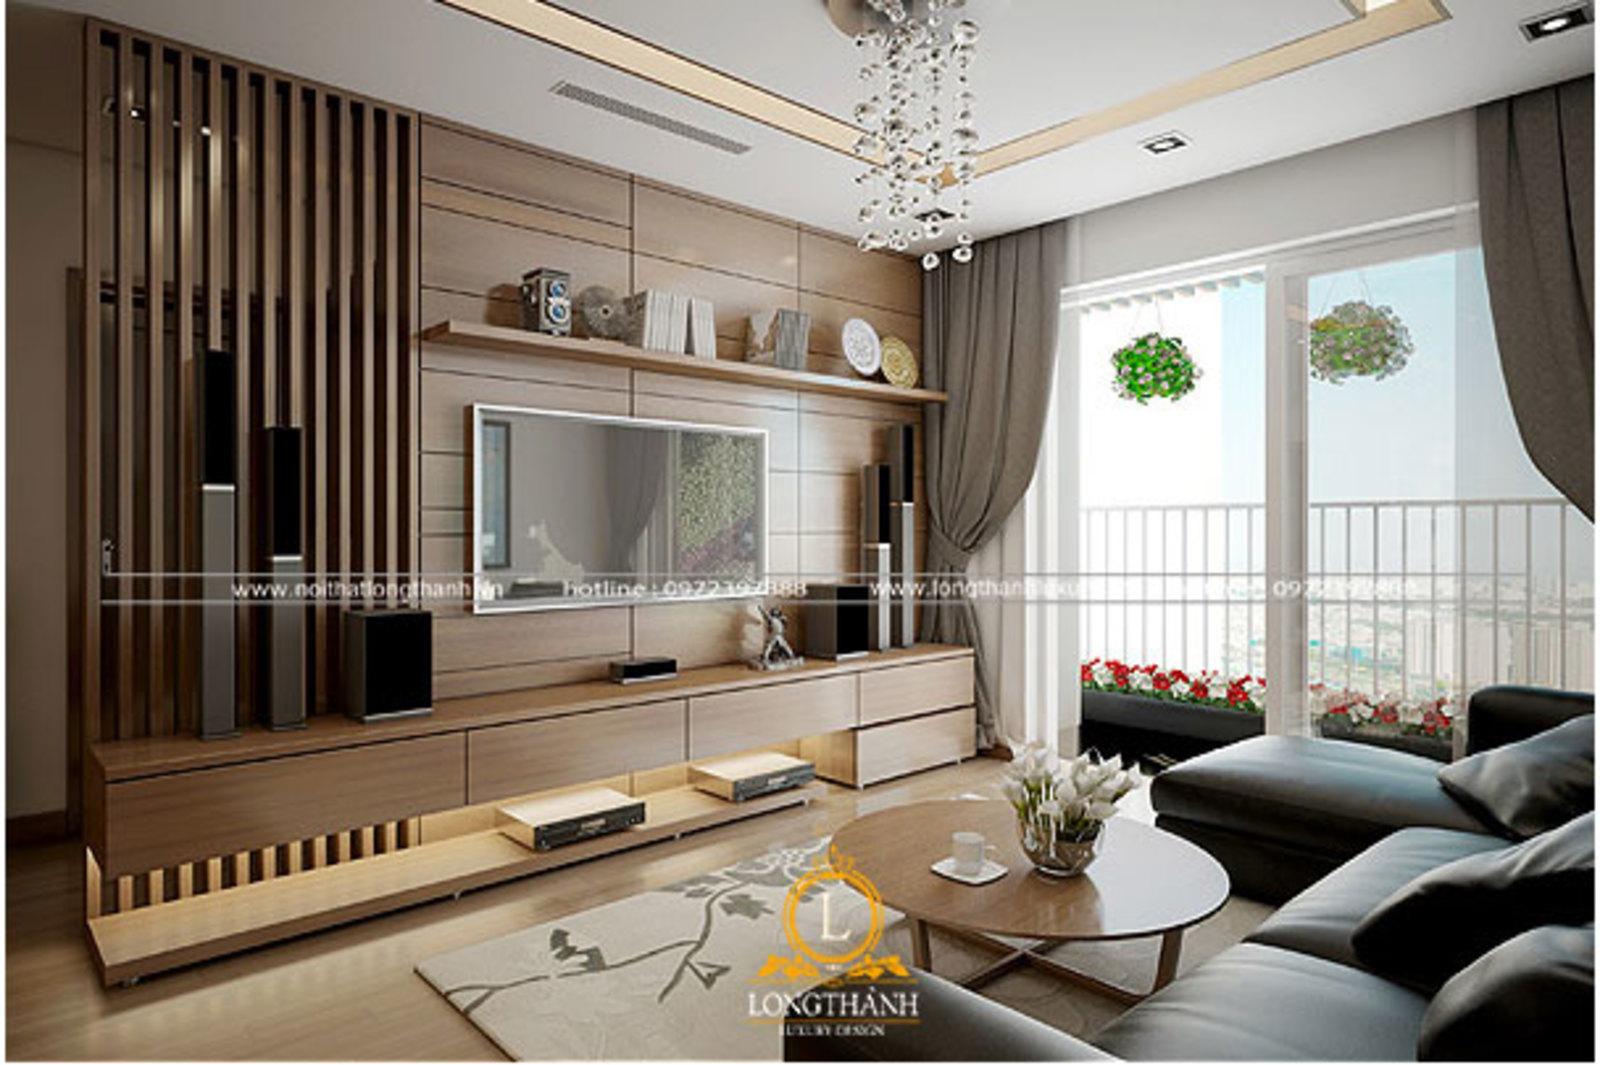 Mềm mại, sang trọng với phòng khách thiết kế theo phong cách hiện đại